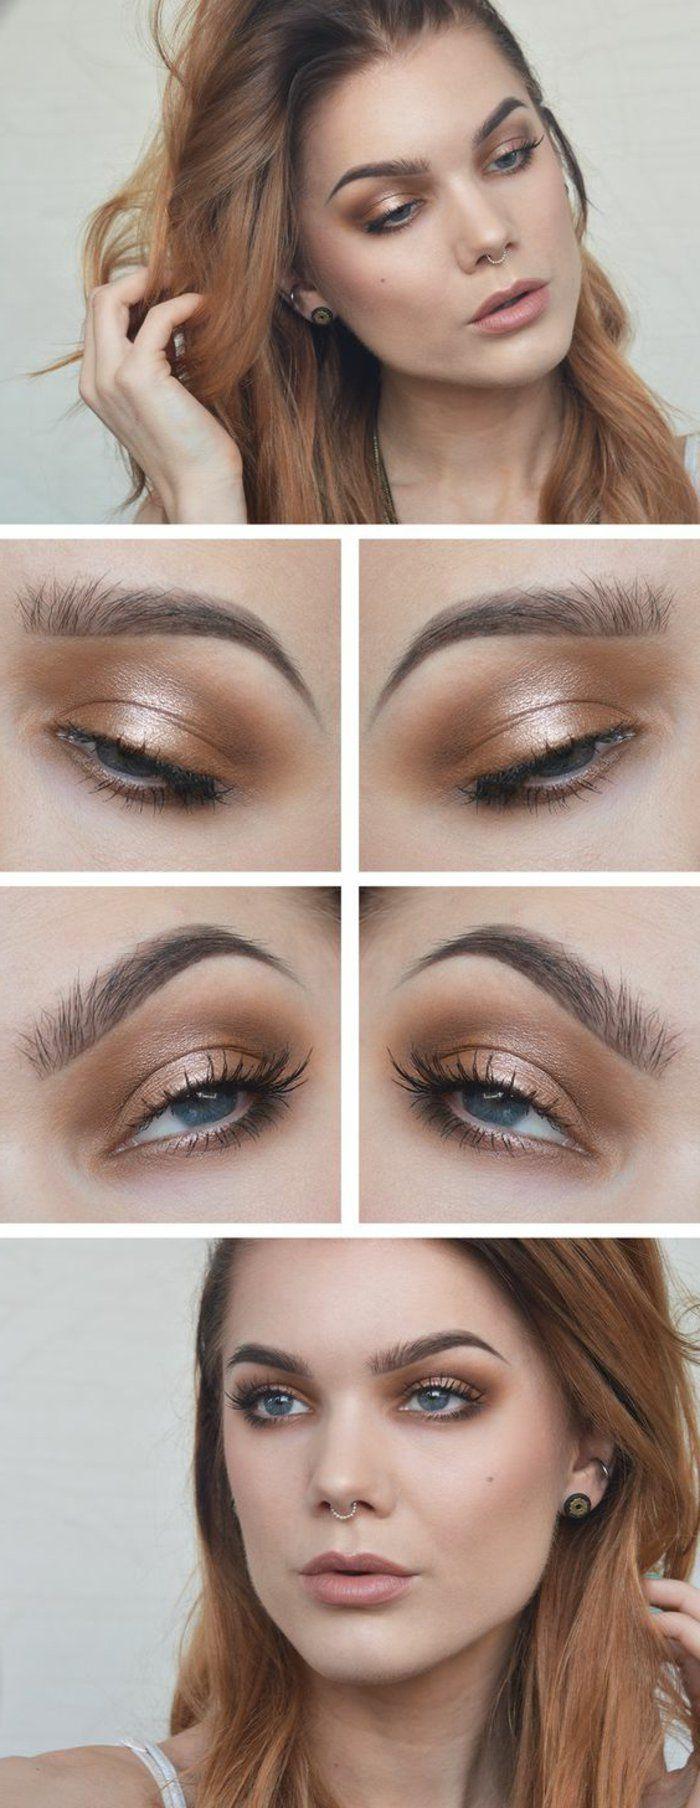 maquillage des yeux bleus, ombres à paupières marrons